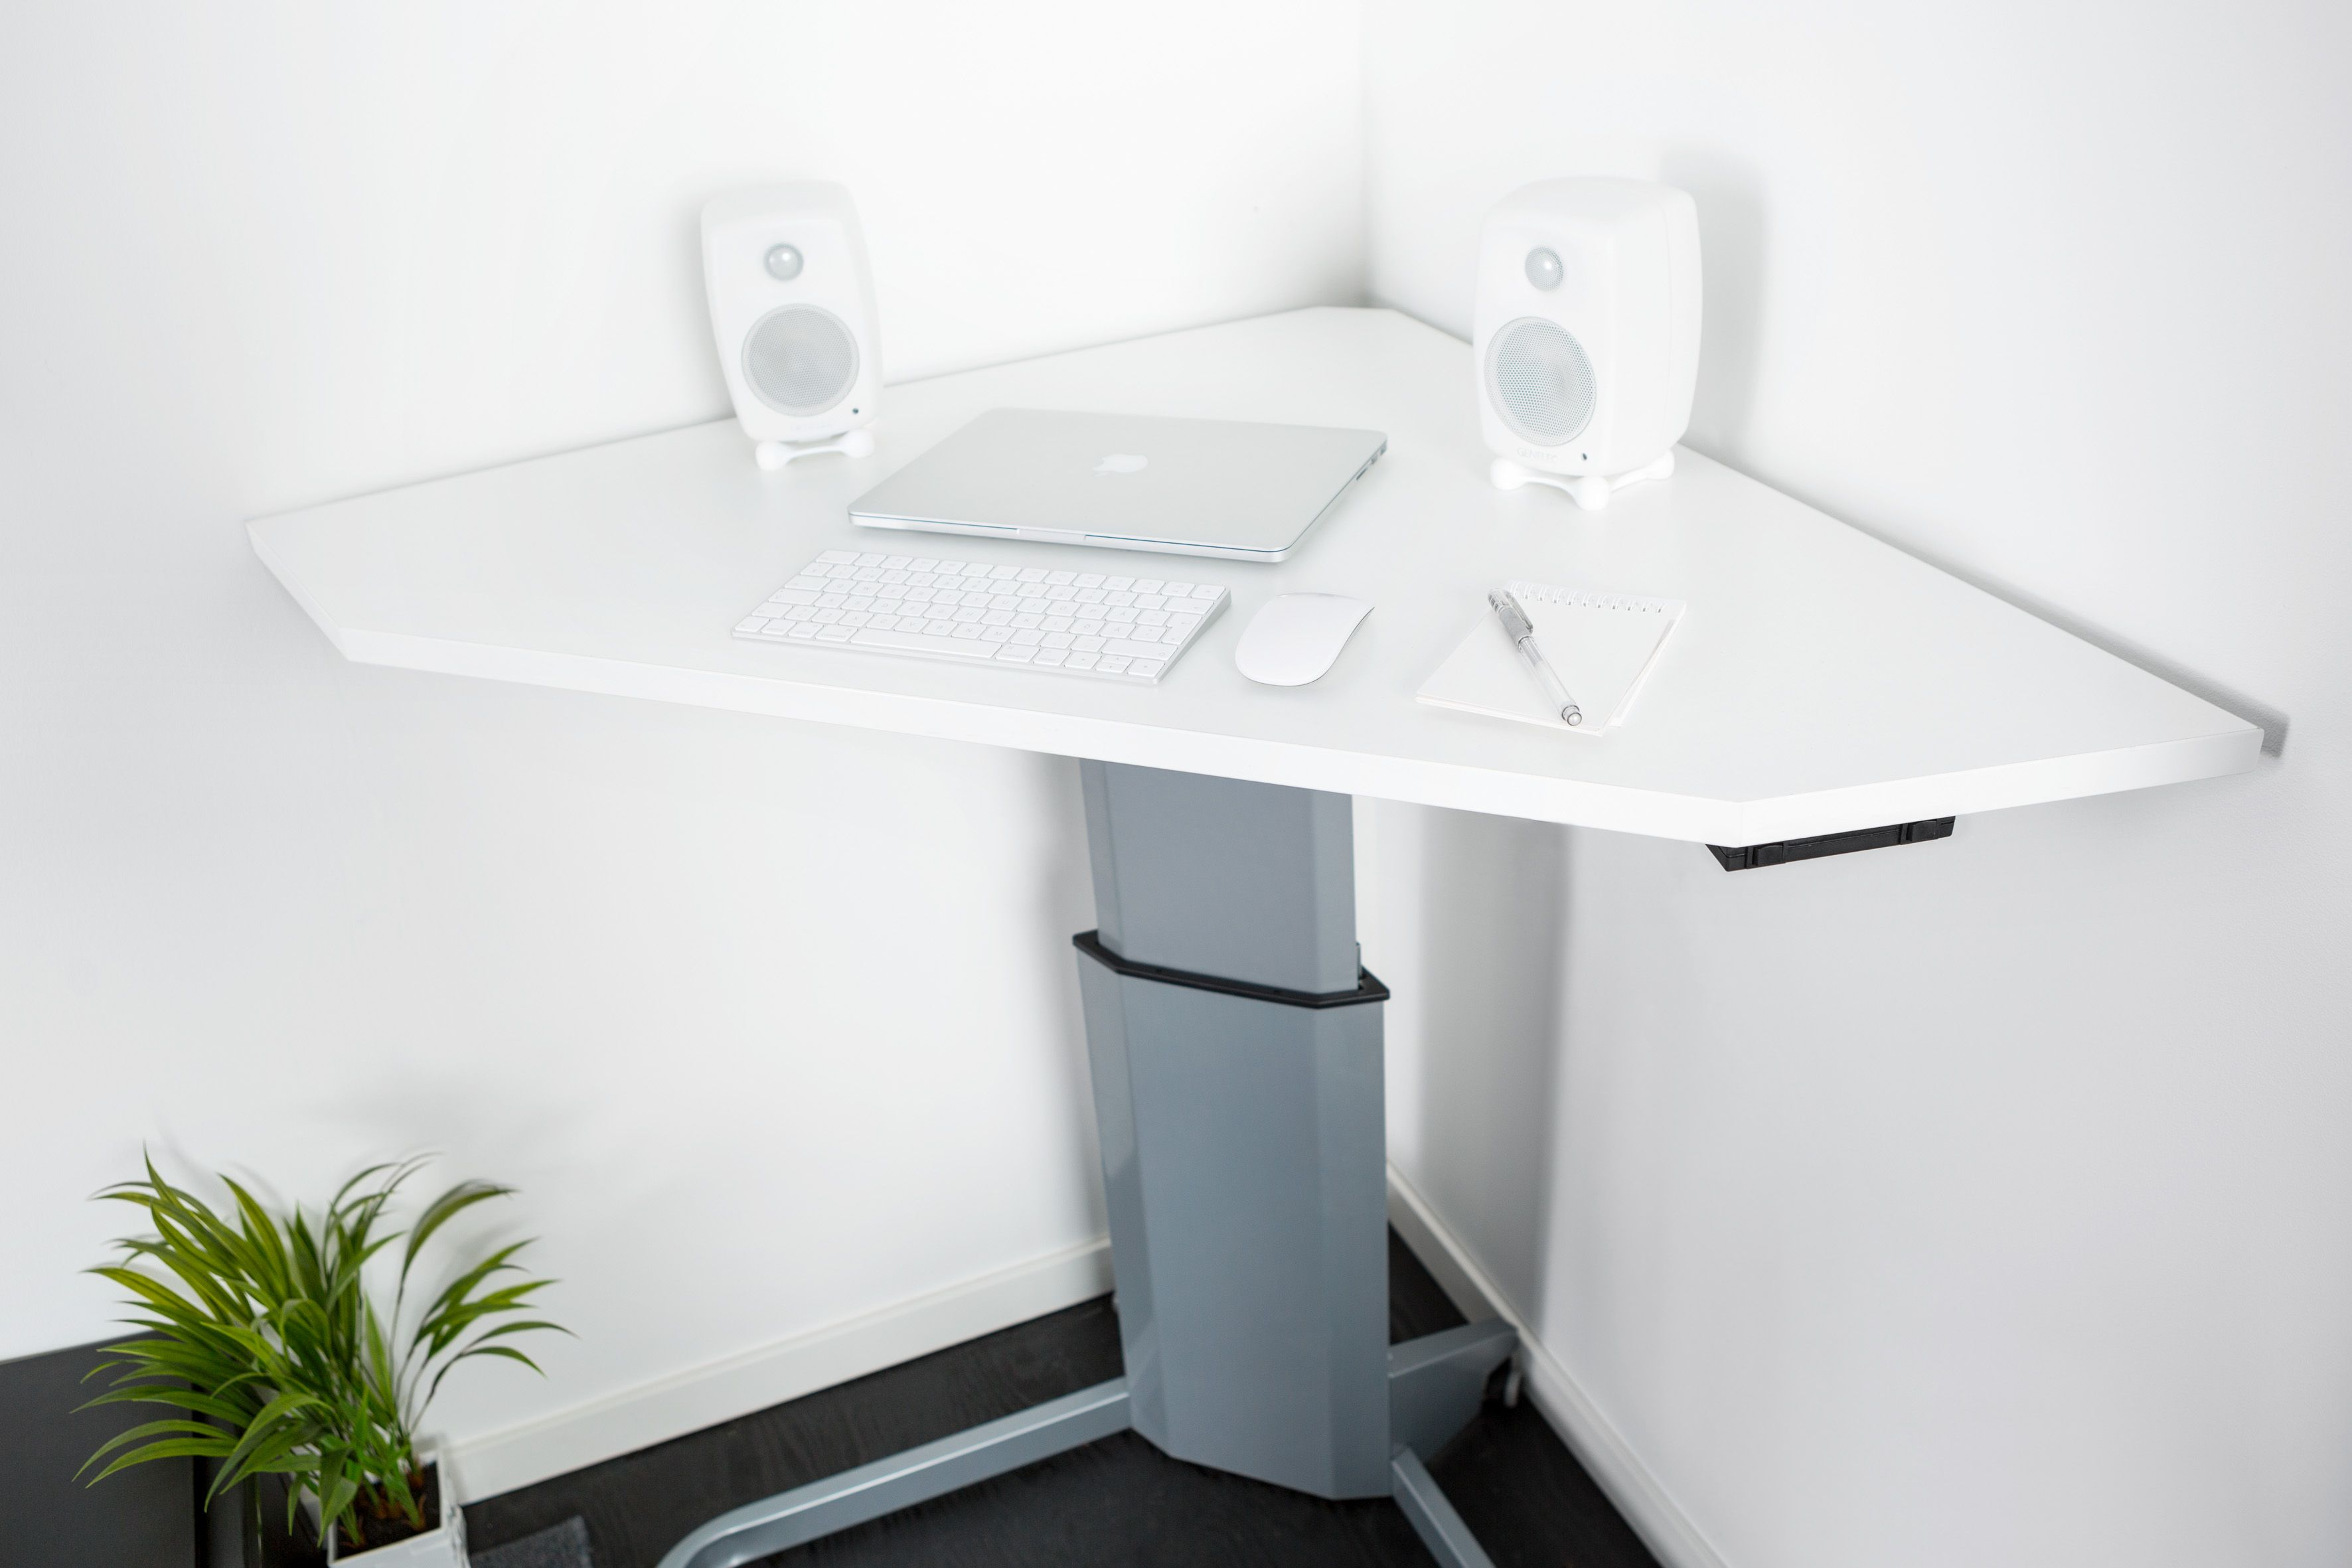 Pieni sähköpöytä pyörillä yksijalkainen sähköpöytä